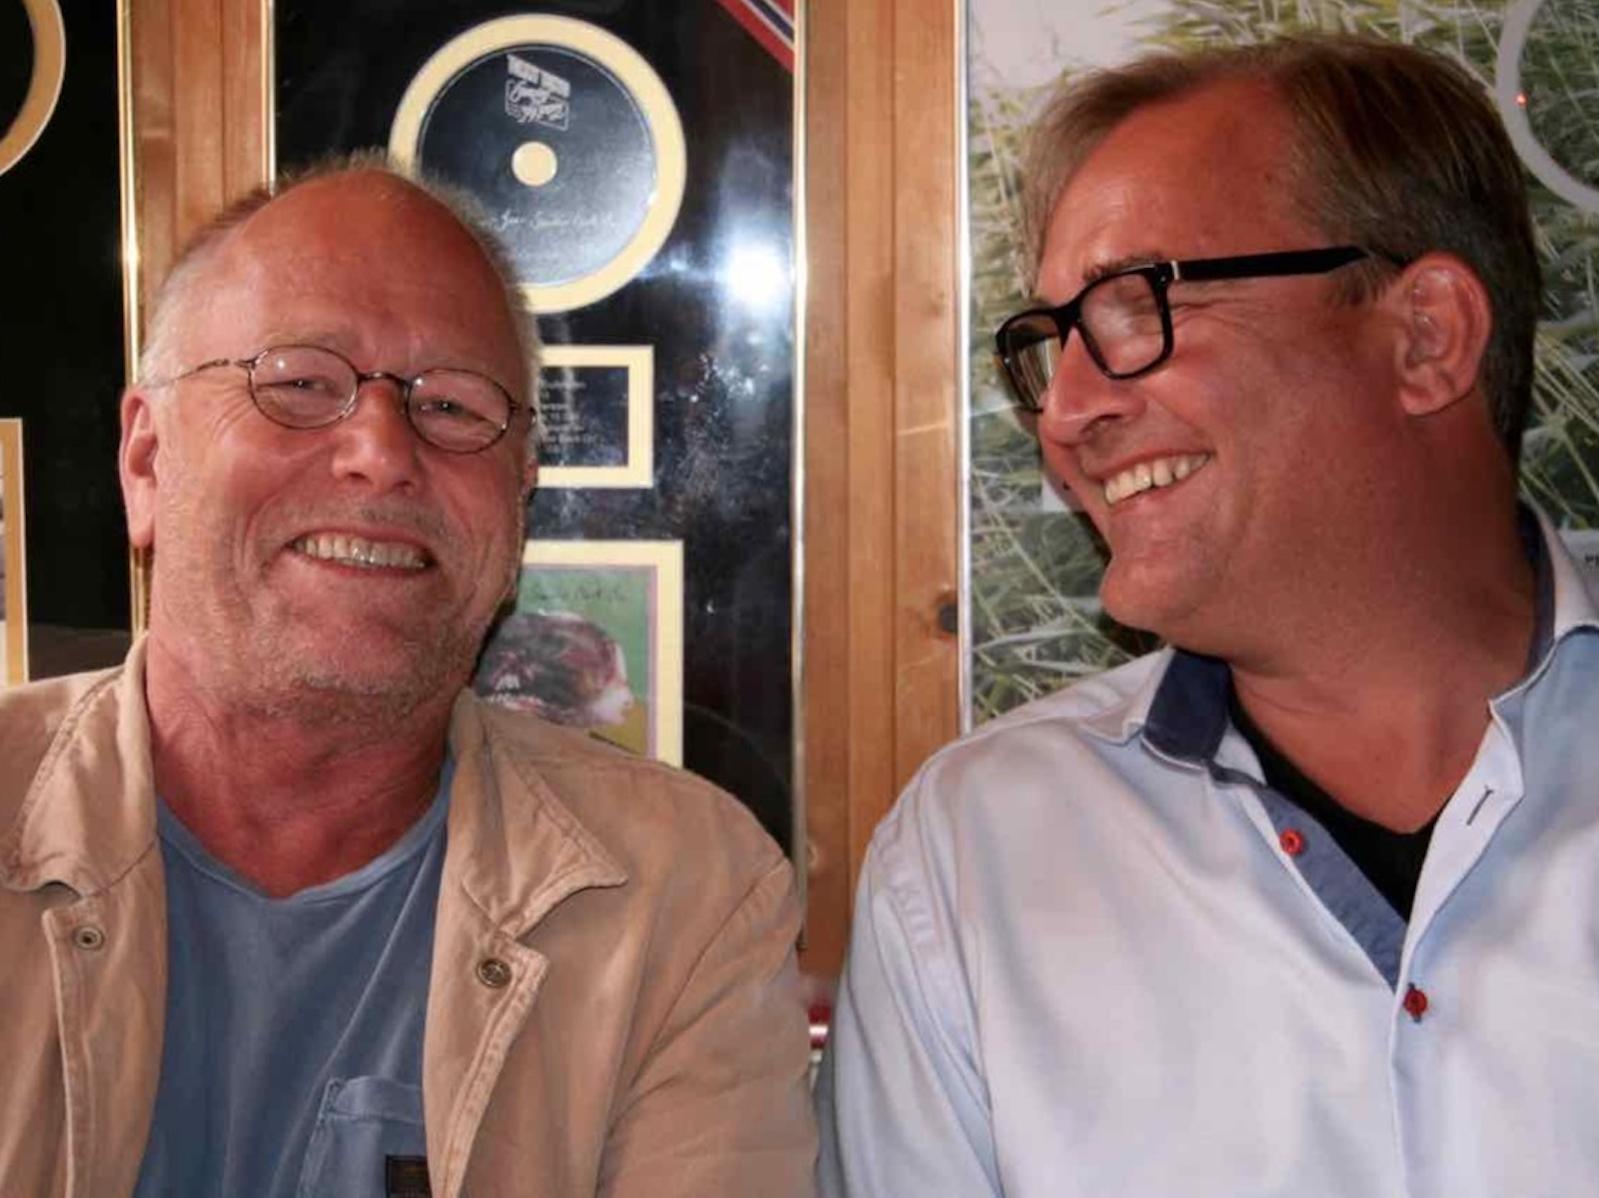 Da Lykkeliten kom fra Bergen! Lars Martin Myhre forteller om sitt første møte med Nicolay Leganger